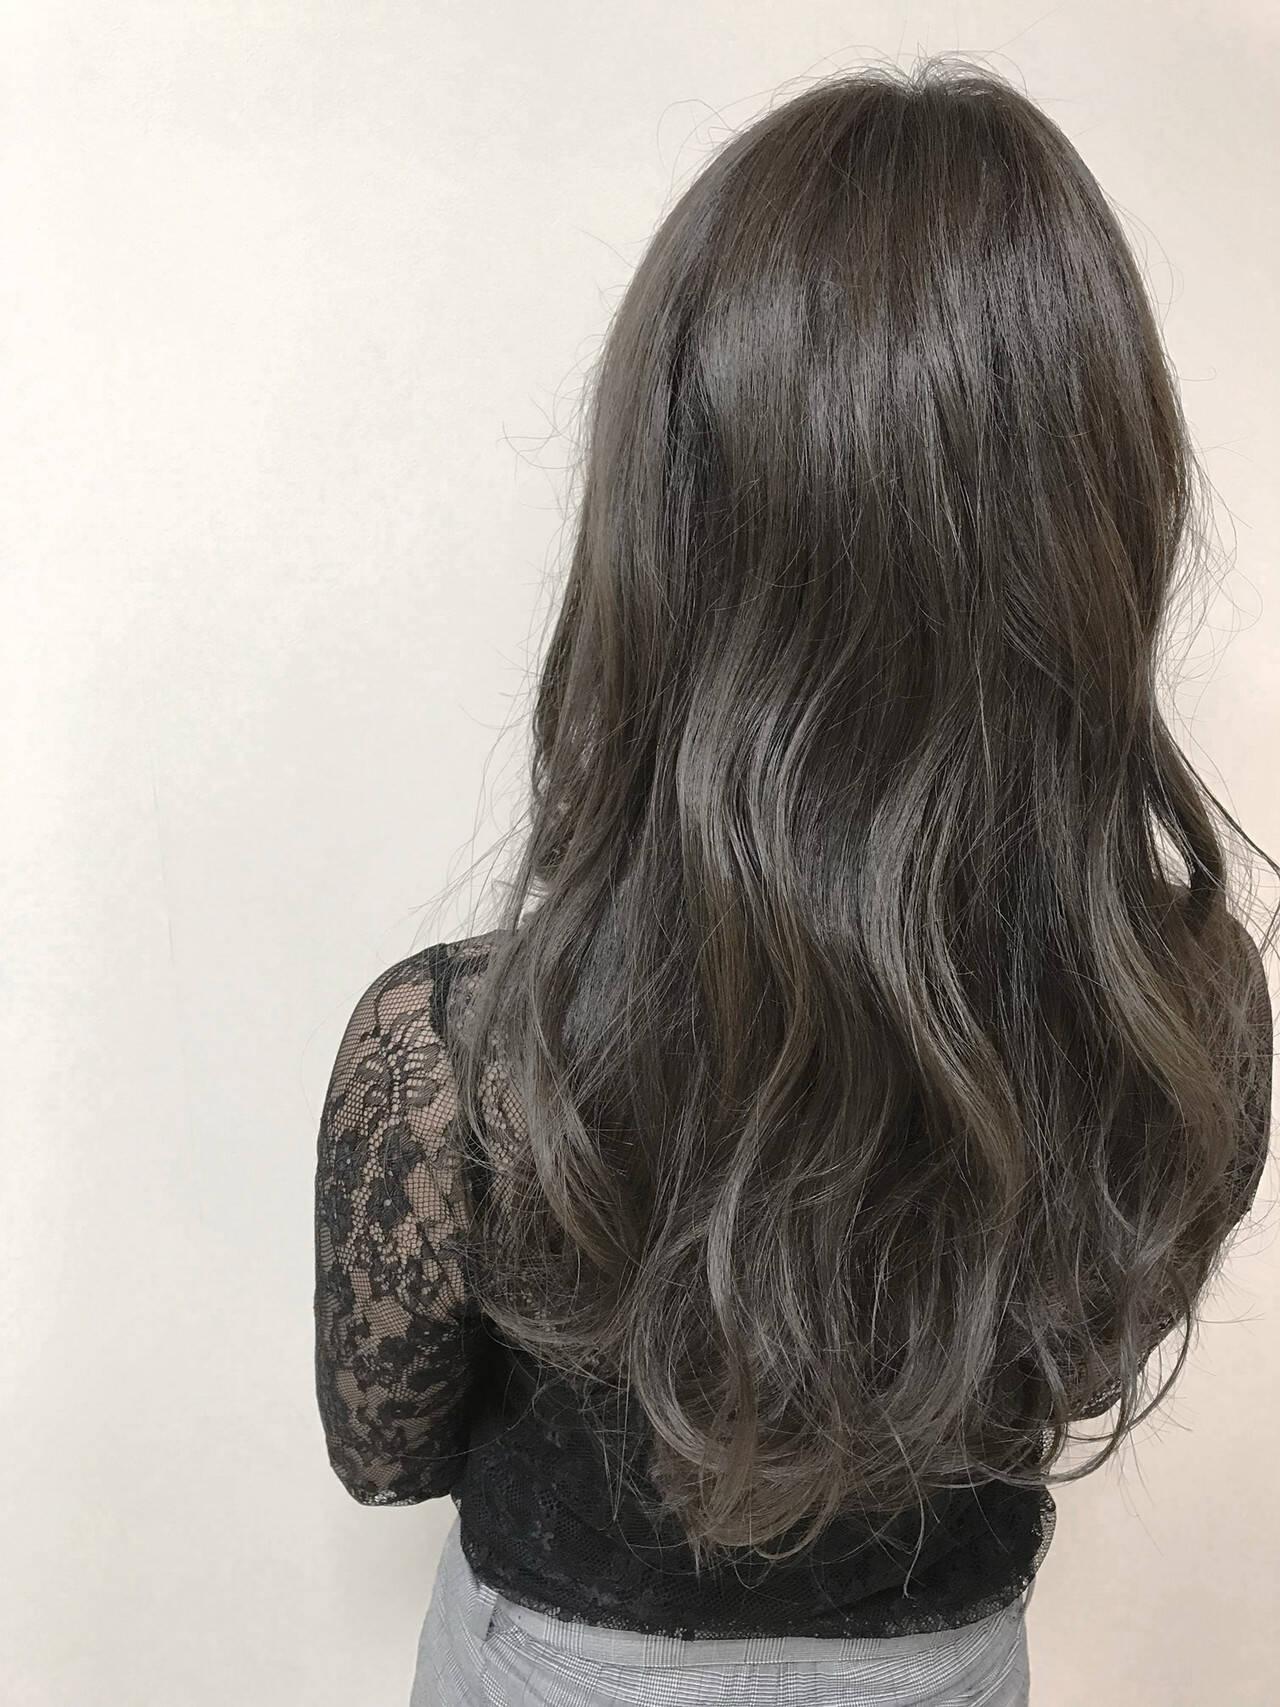 グレージュ ダブルカラー ロング 大人女子ヘアスタイルや髪型の写真・画像